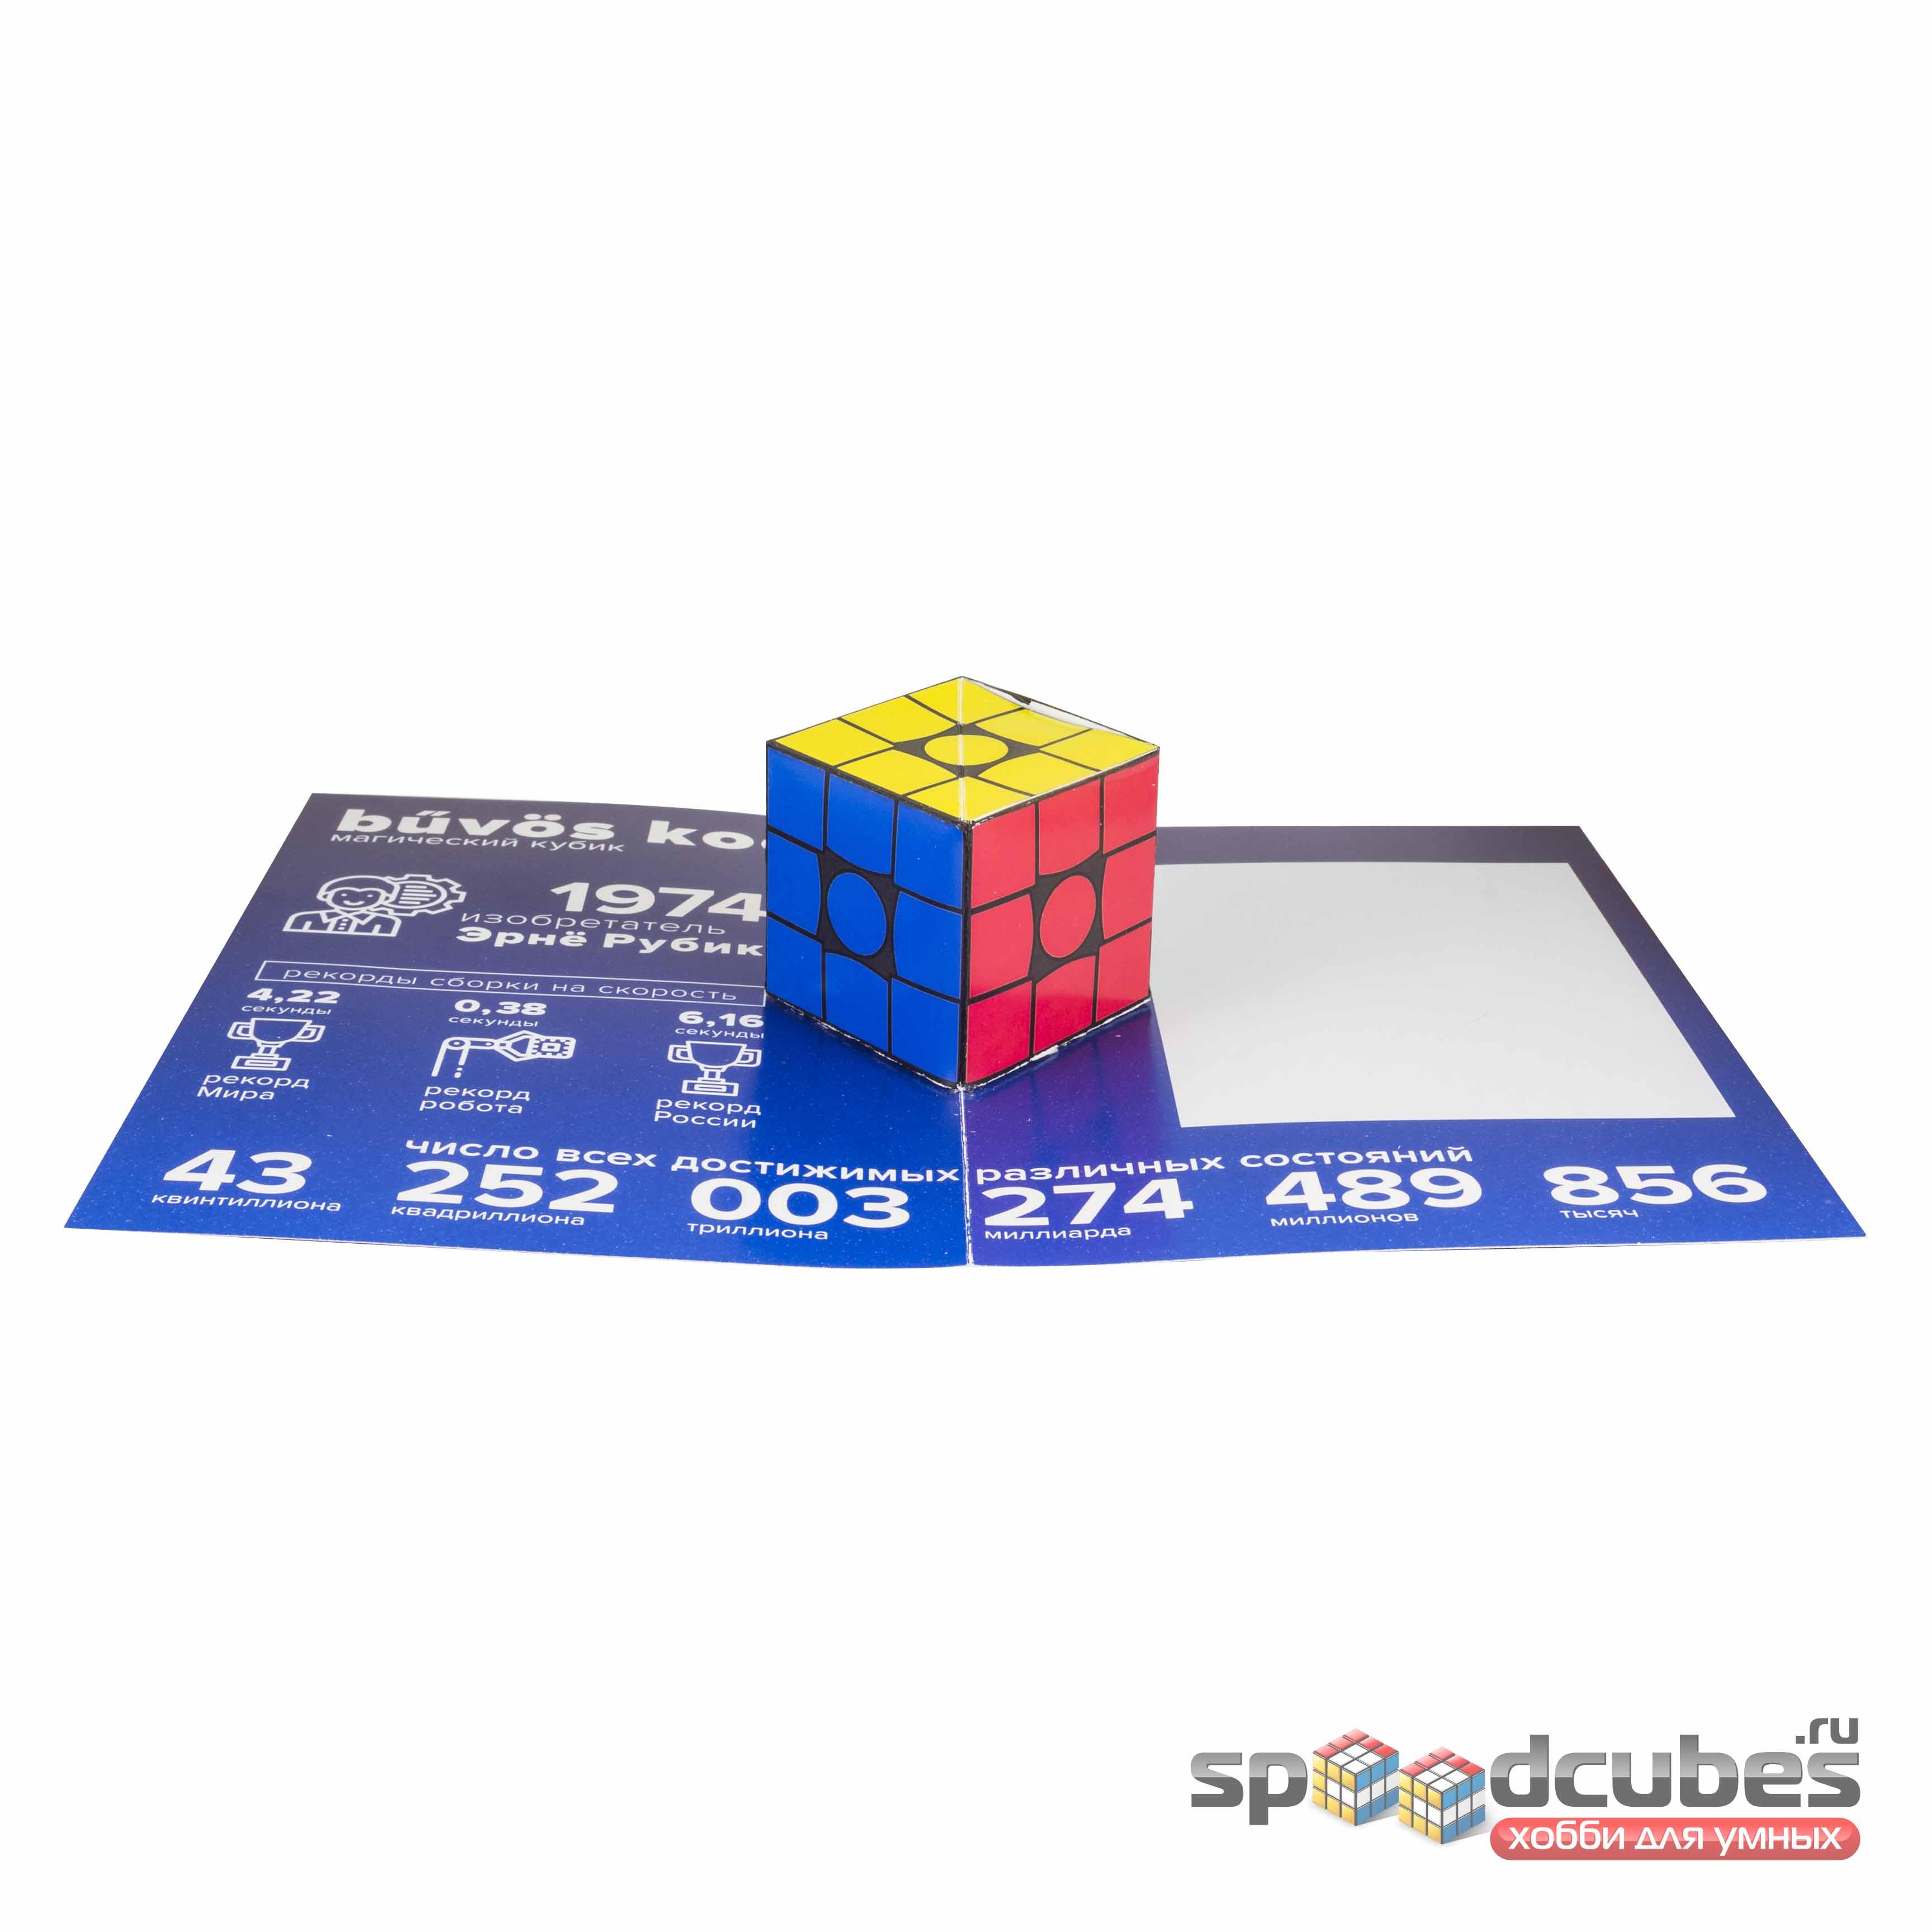 Открытка Новый год 2019 Speedcubes 2